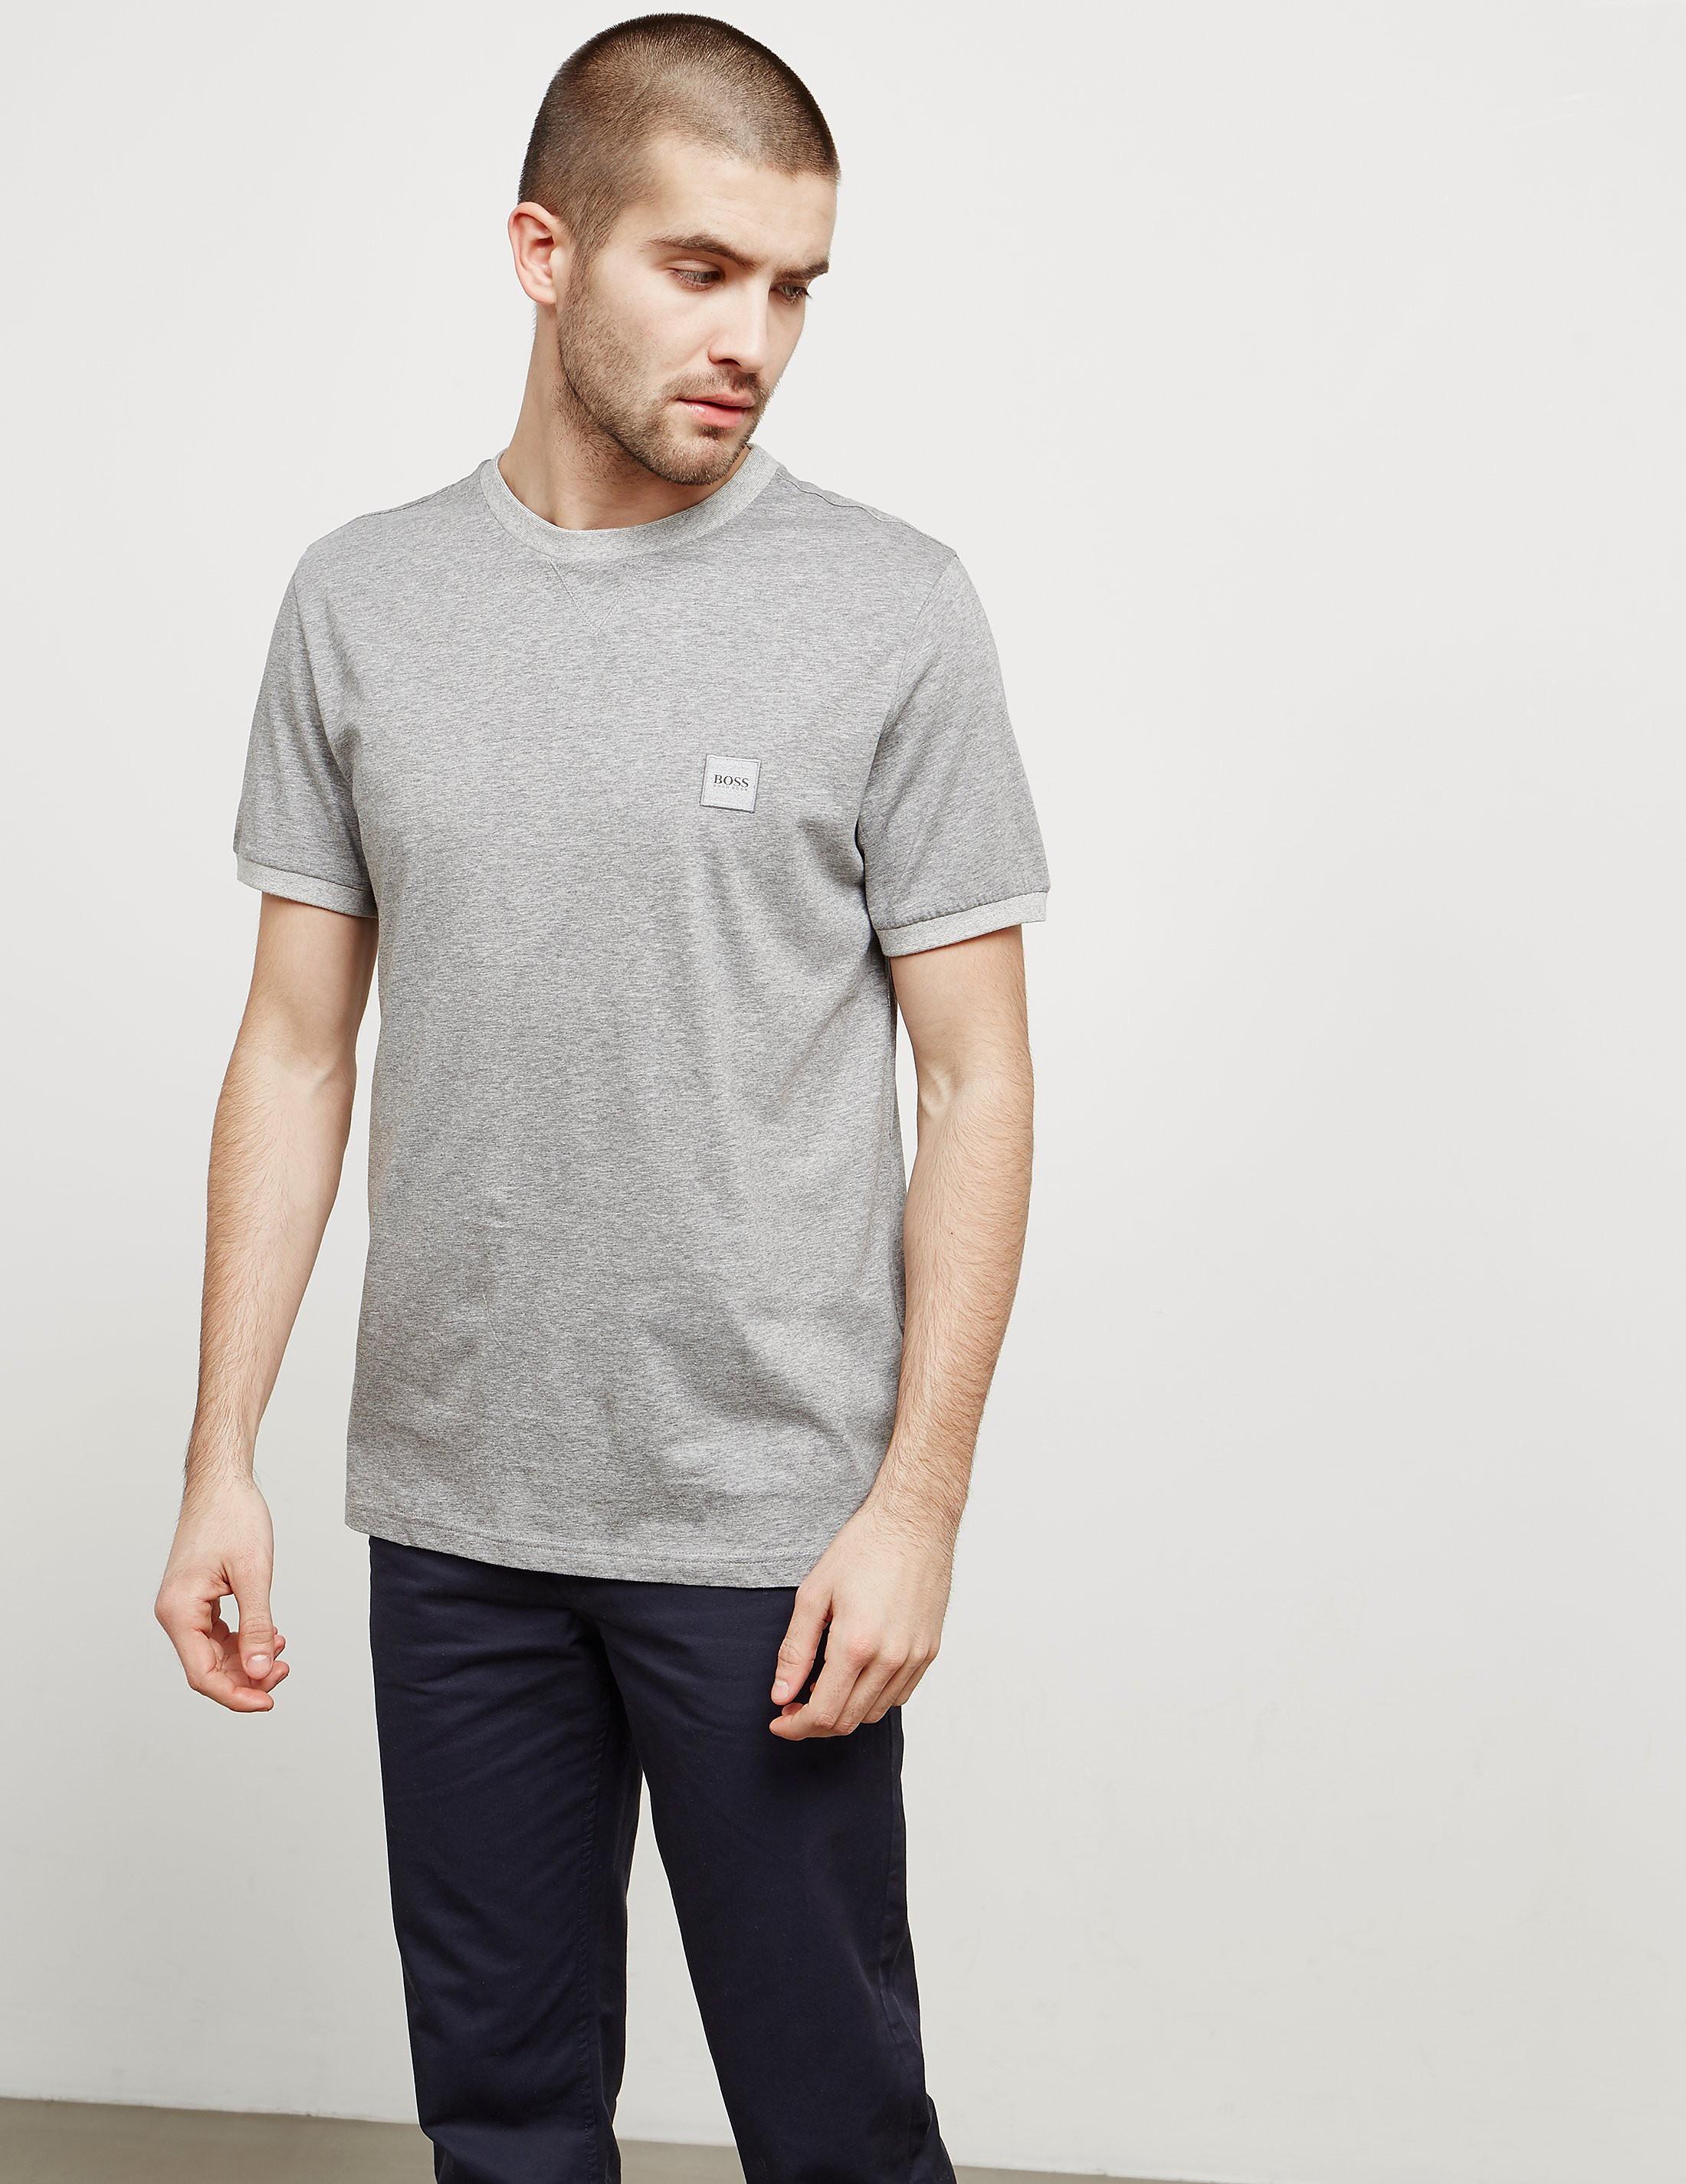 BOSS Topical Ringer Short Sleeve T-Shirt